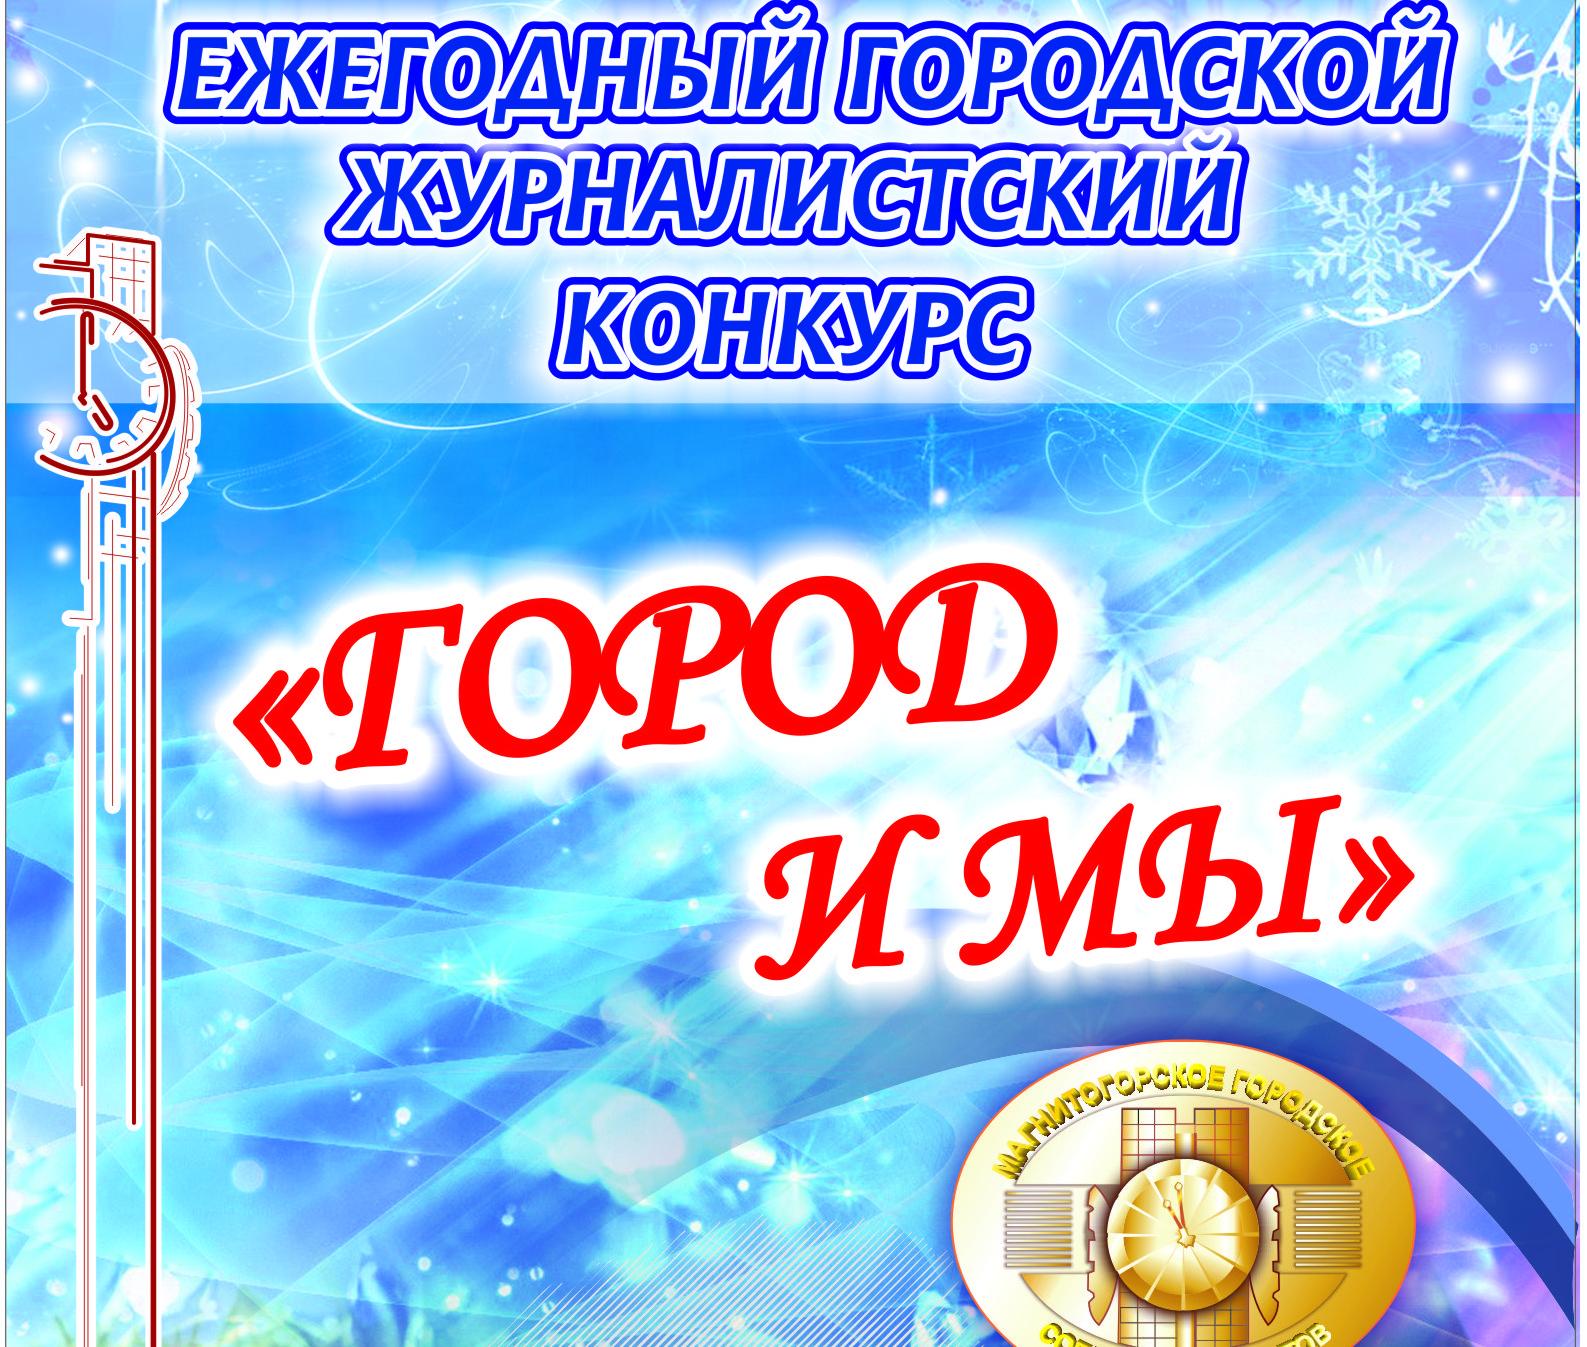 В Магнитогорске жюри городского журналистского конкурса «Город и мы» приступило к работе. Вот уж